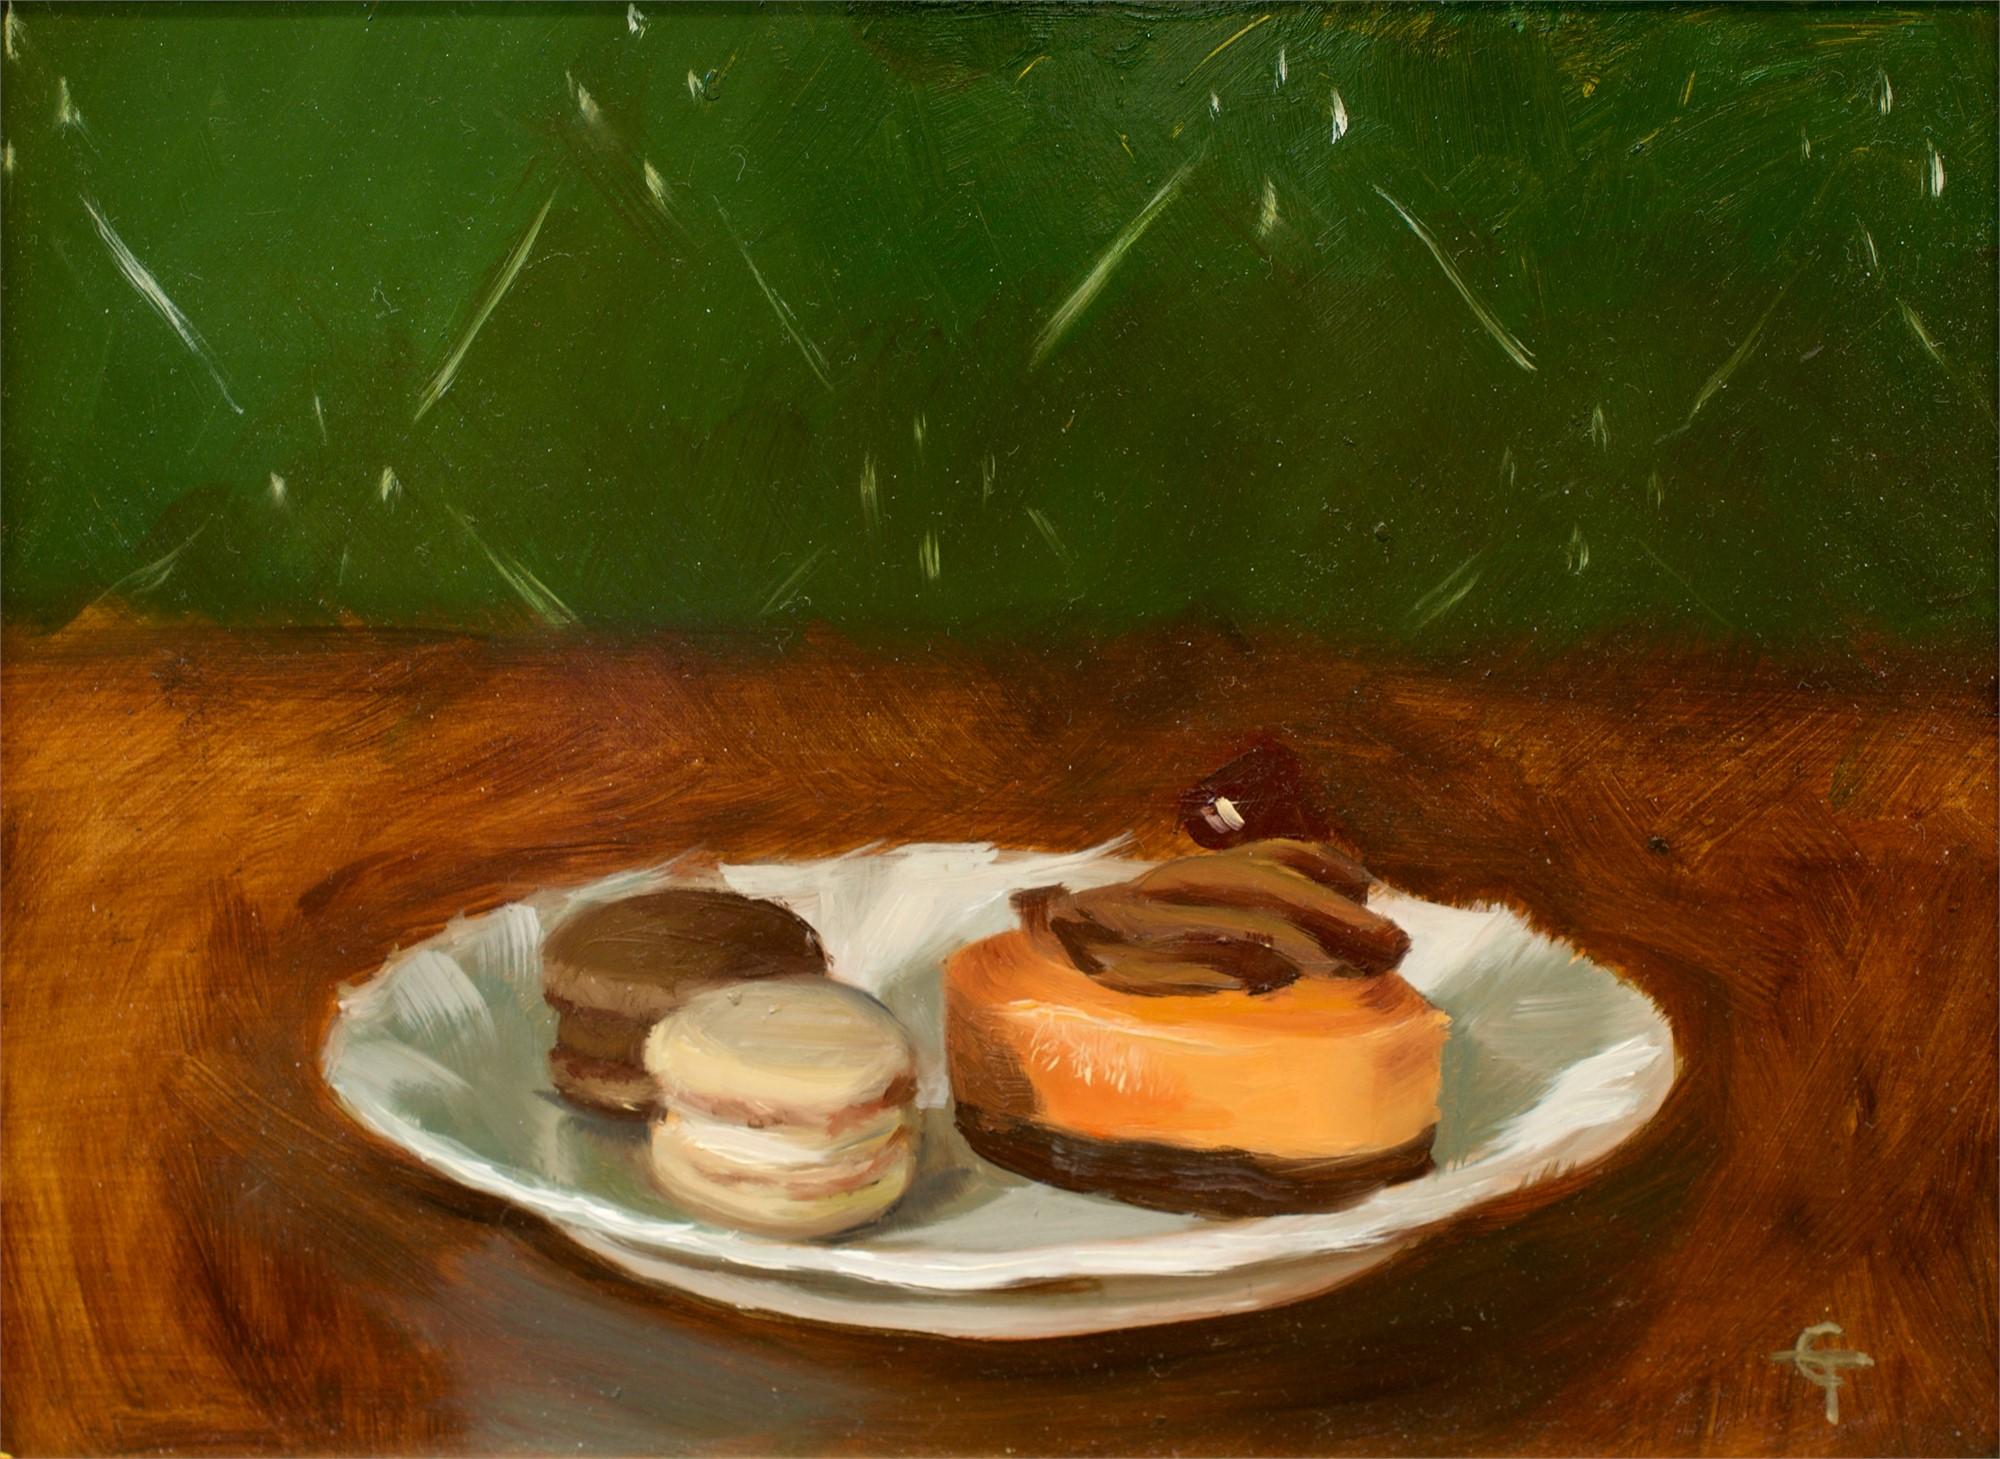 Orange Deliciousness by Cecilia Thorell